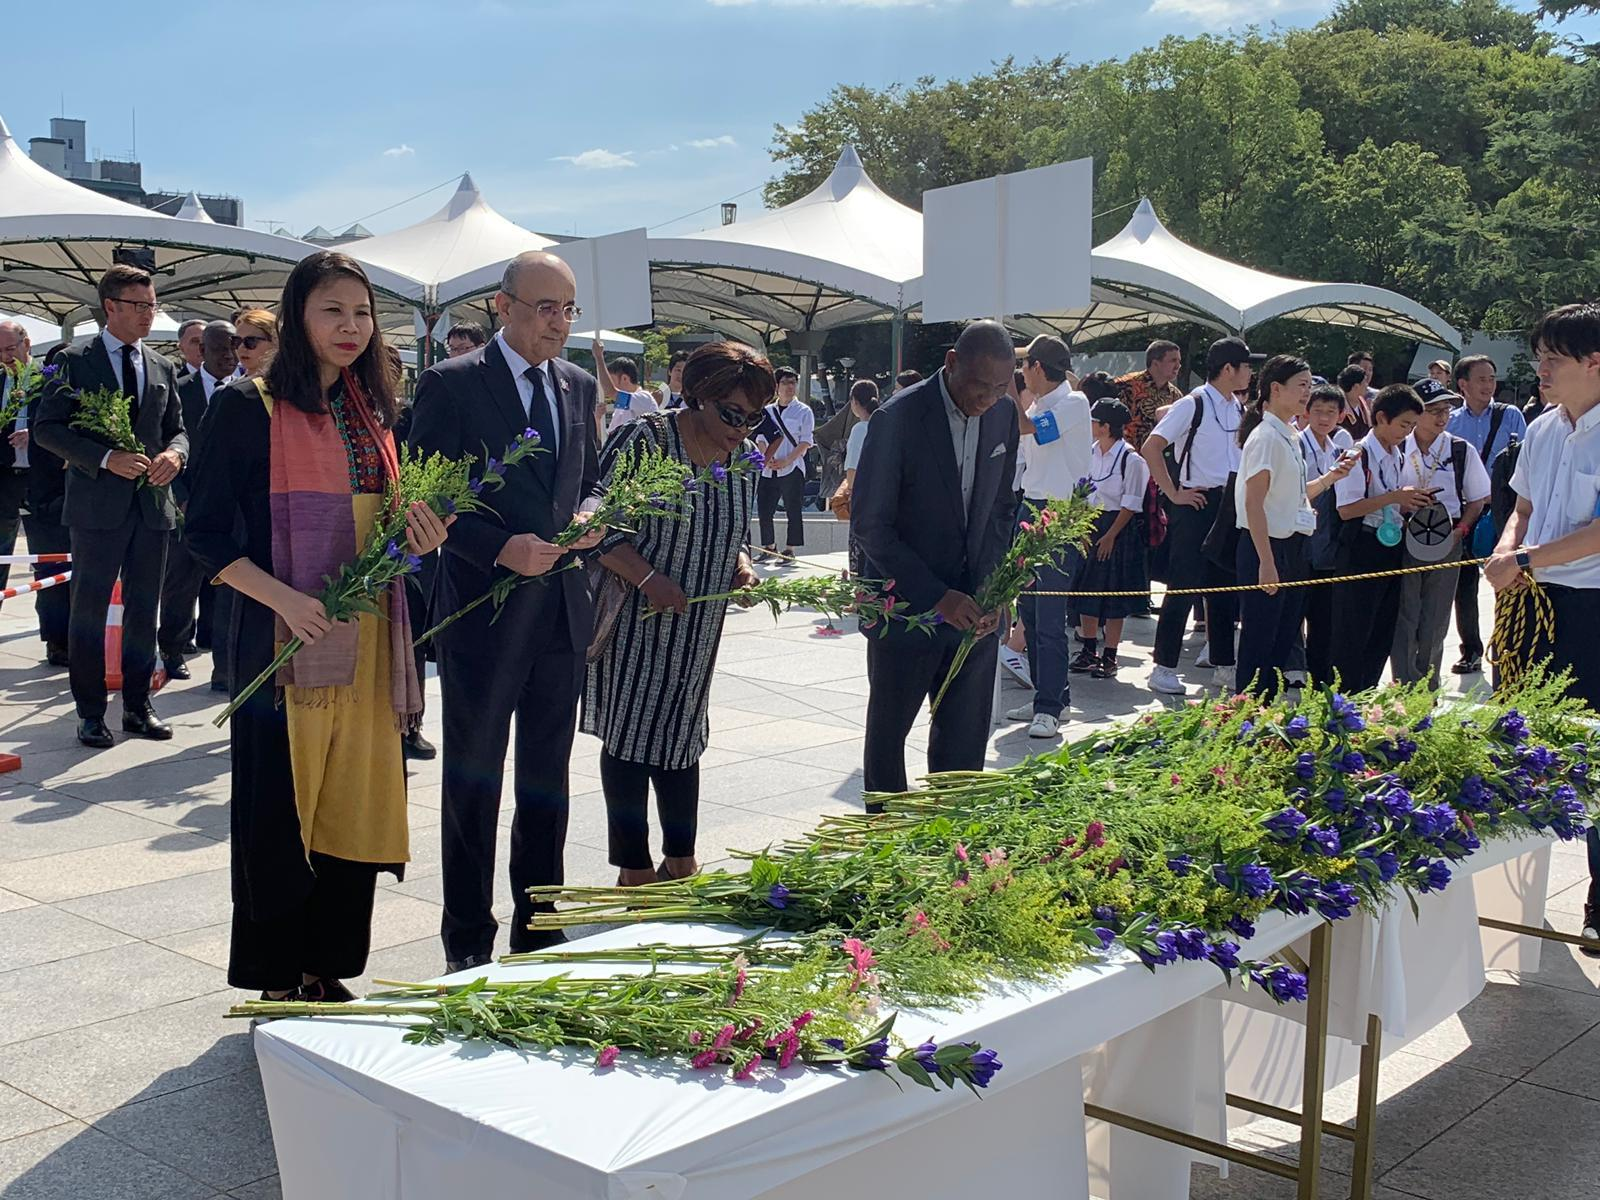 سفير دولة قطر لدى اليابان يشارك في مراسم إحياء الذكرى السنوية للقصف النووي على هيروشيما